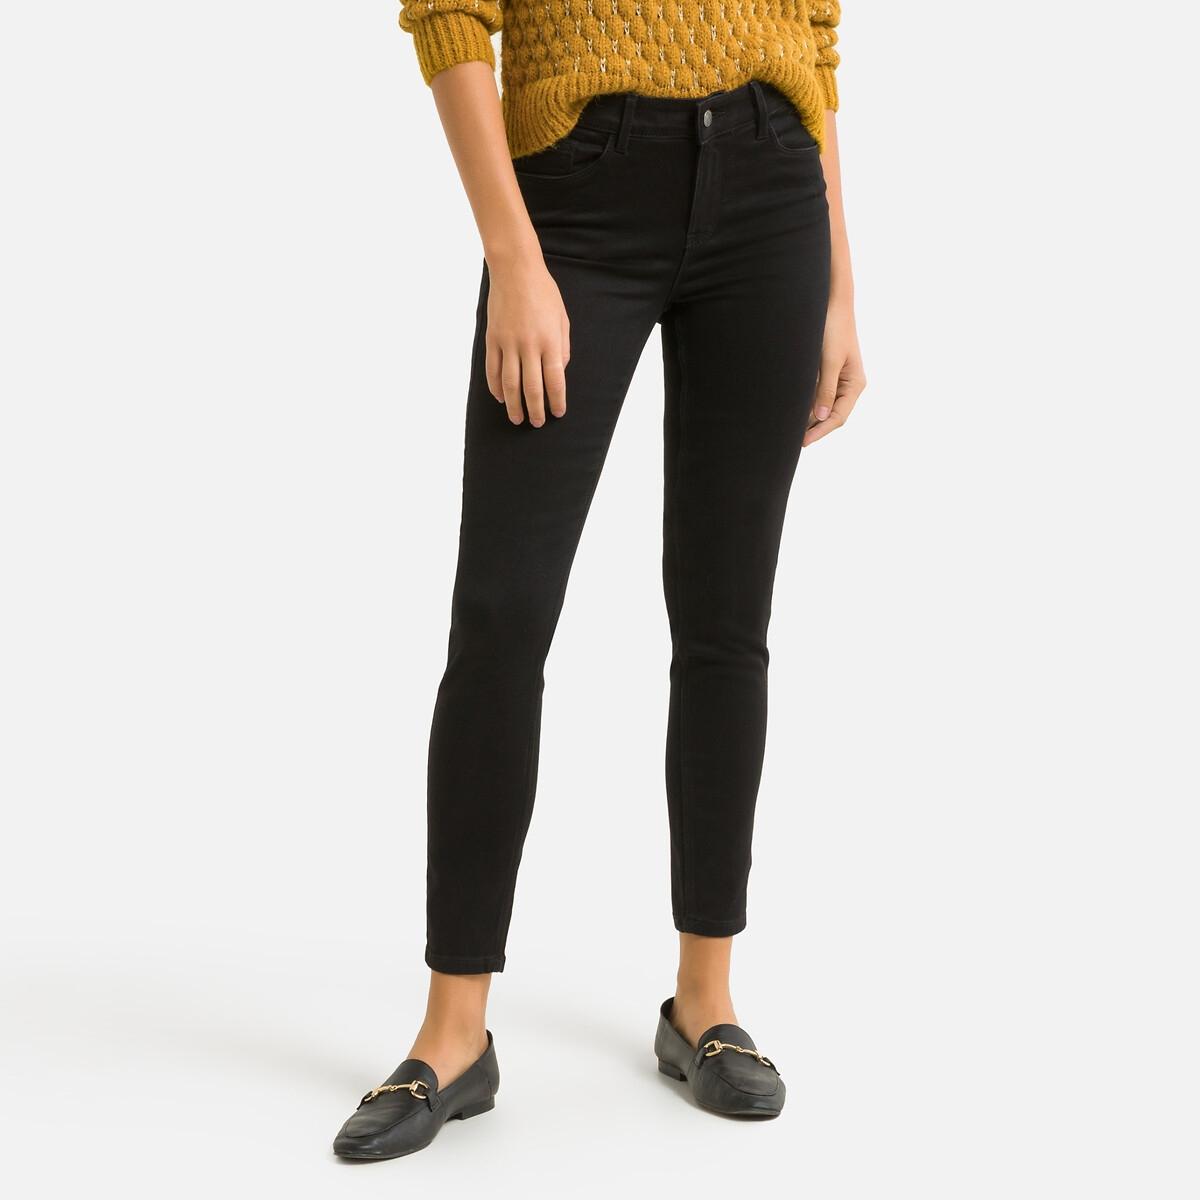 Фото - Джинсы LaRedoute Узкие XS/30 черный джинсы laredoute скинни длина 30 s черный